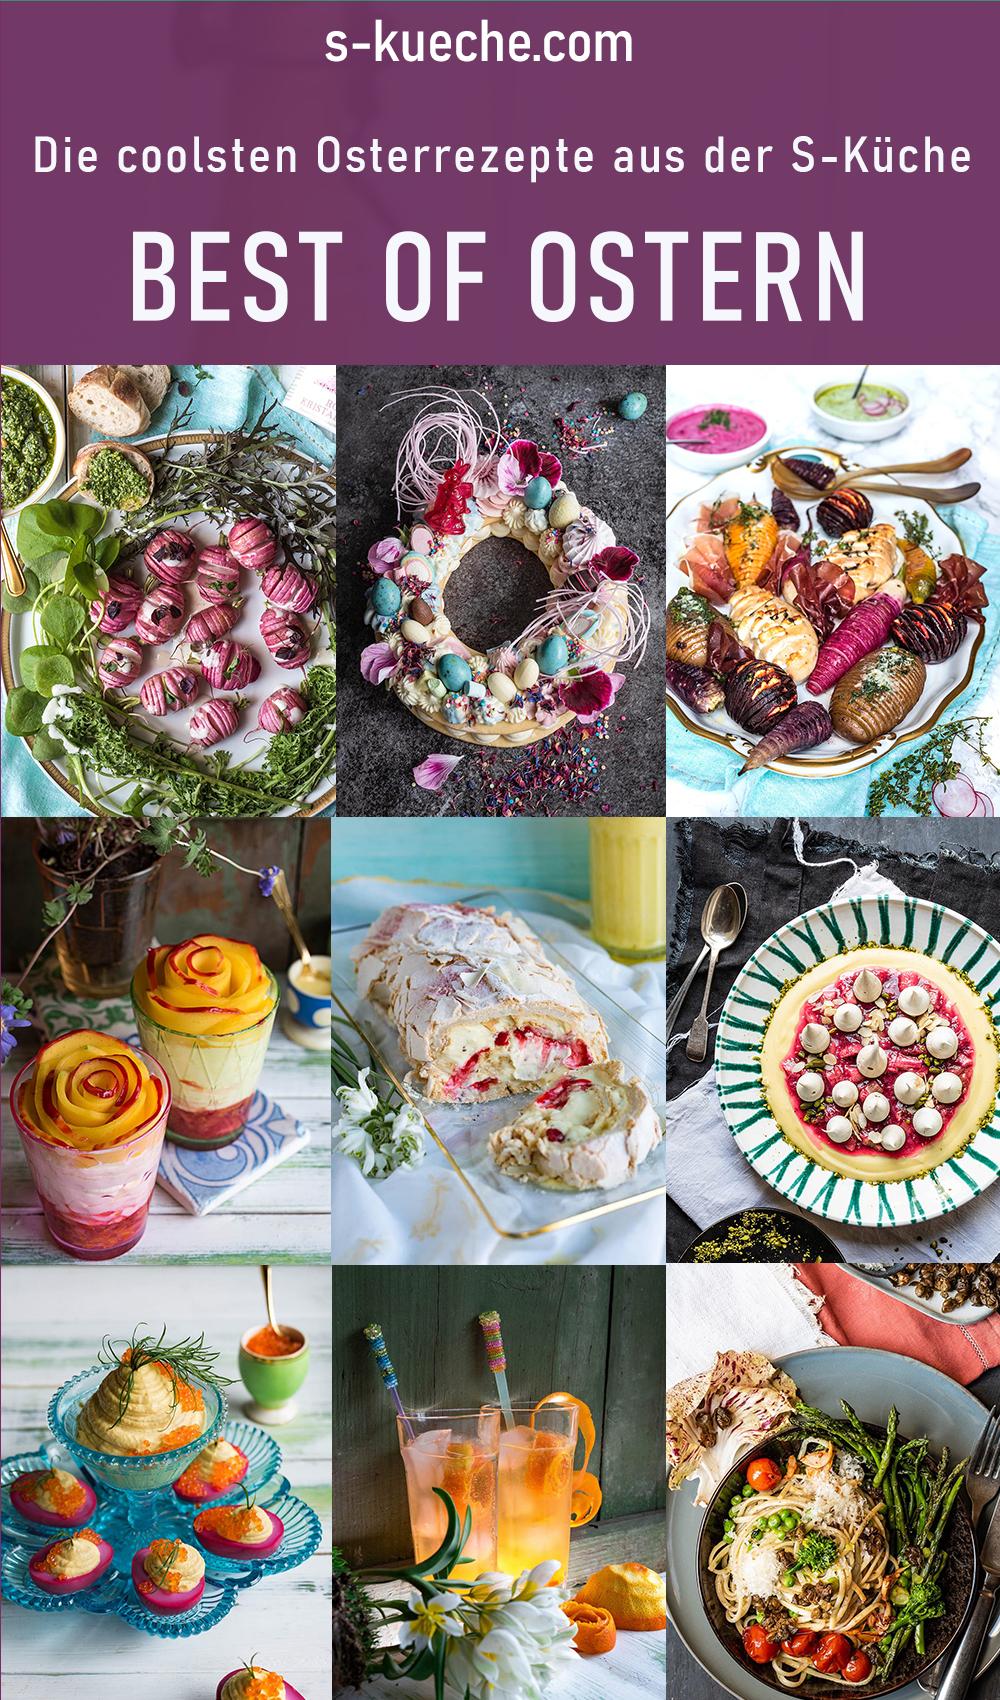 Best of Ostern - Die coolsten Osterrezepte aus der S-Küch